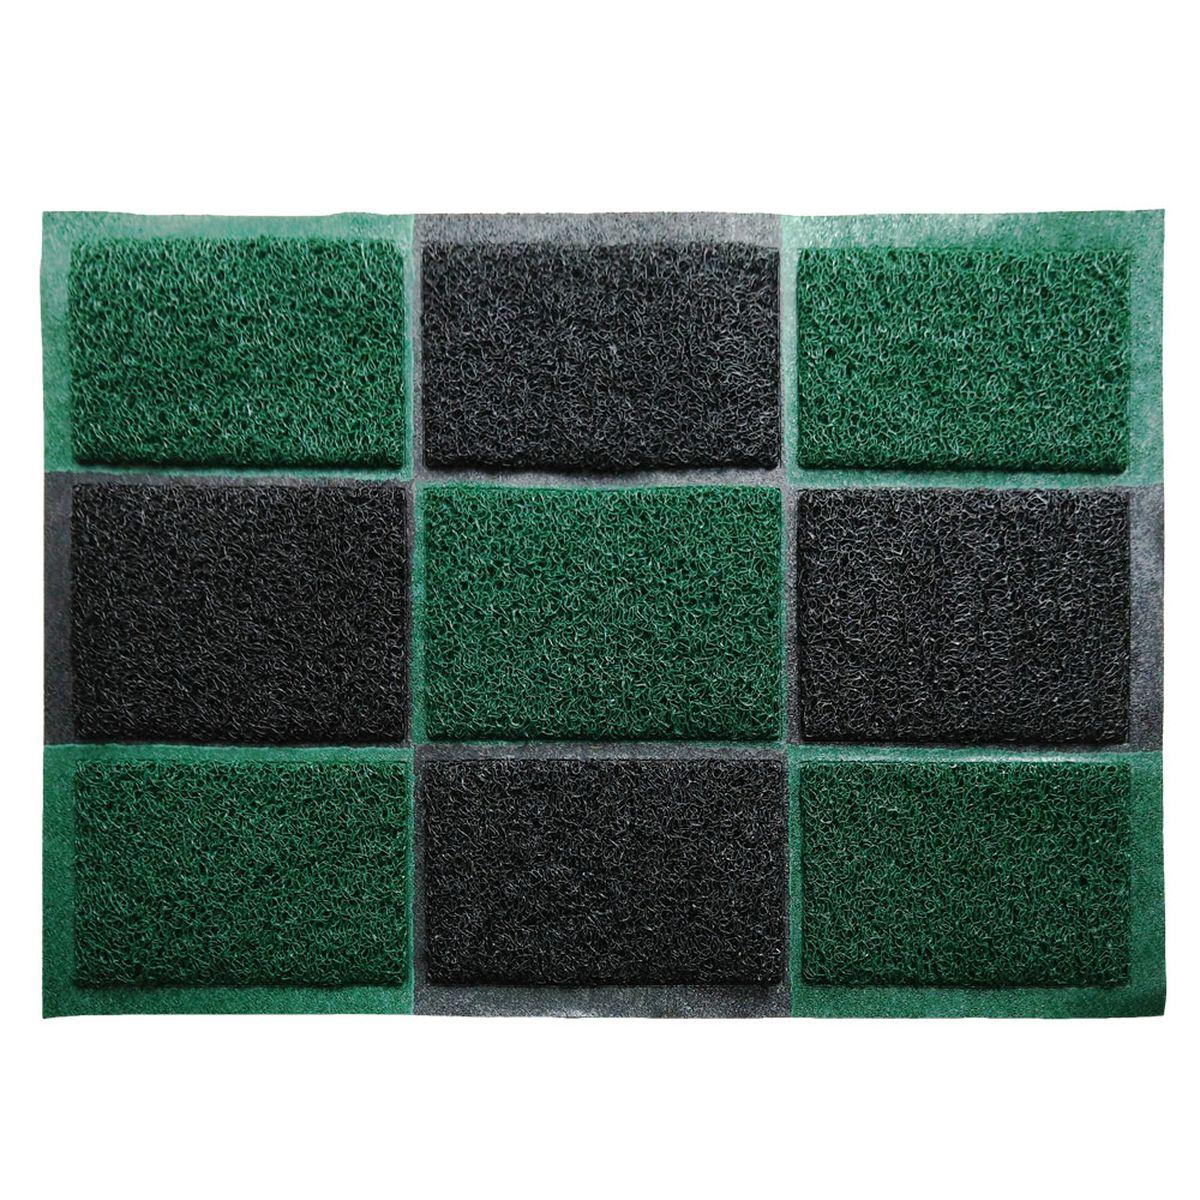 Коврик придверный Vortex, пористый, цвет: черный, зеленый, 40 х 60 см22406Придверный влаговпитывающий коврик Vortex черно-зеленого цвета выполнен из ПВХ и полиэстера. Он прост в обслуживании, прочный и устойчивый к различным погодным условиям. Лицевая сторона коврика ребристая. Прорезиненная основа коврика предотвращает его скольжение по гладкой поверхности и обеспечивает надежную фиксацию. Такой коврик надежно защитит помещение от уличной пыли и грязи